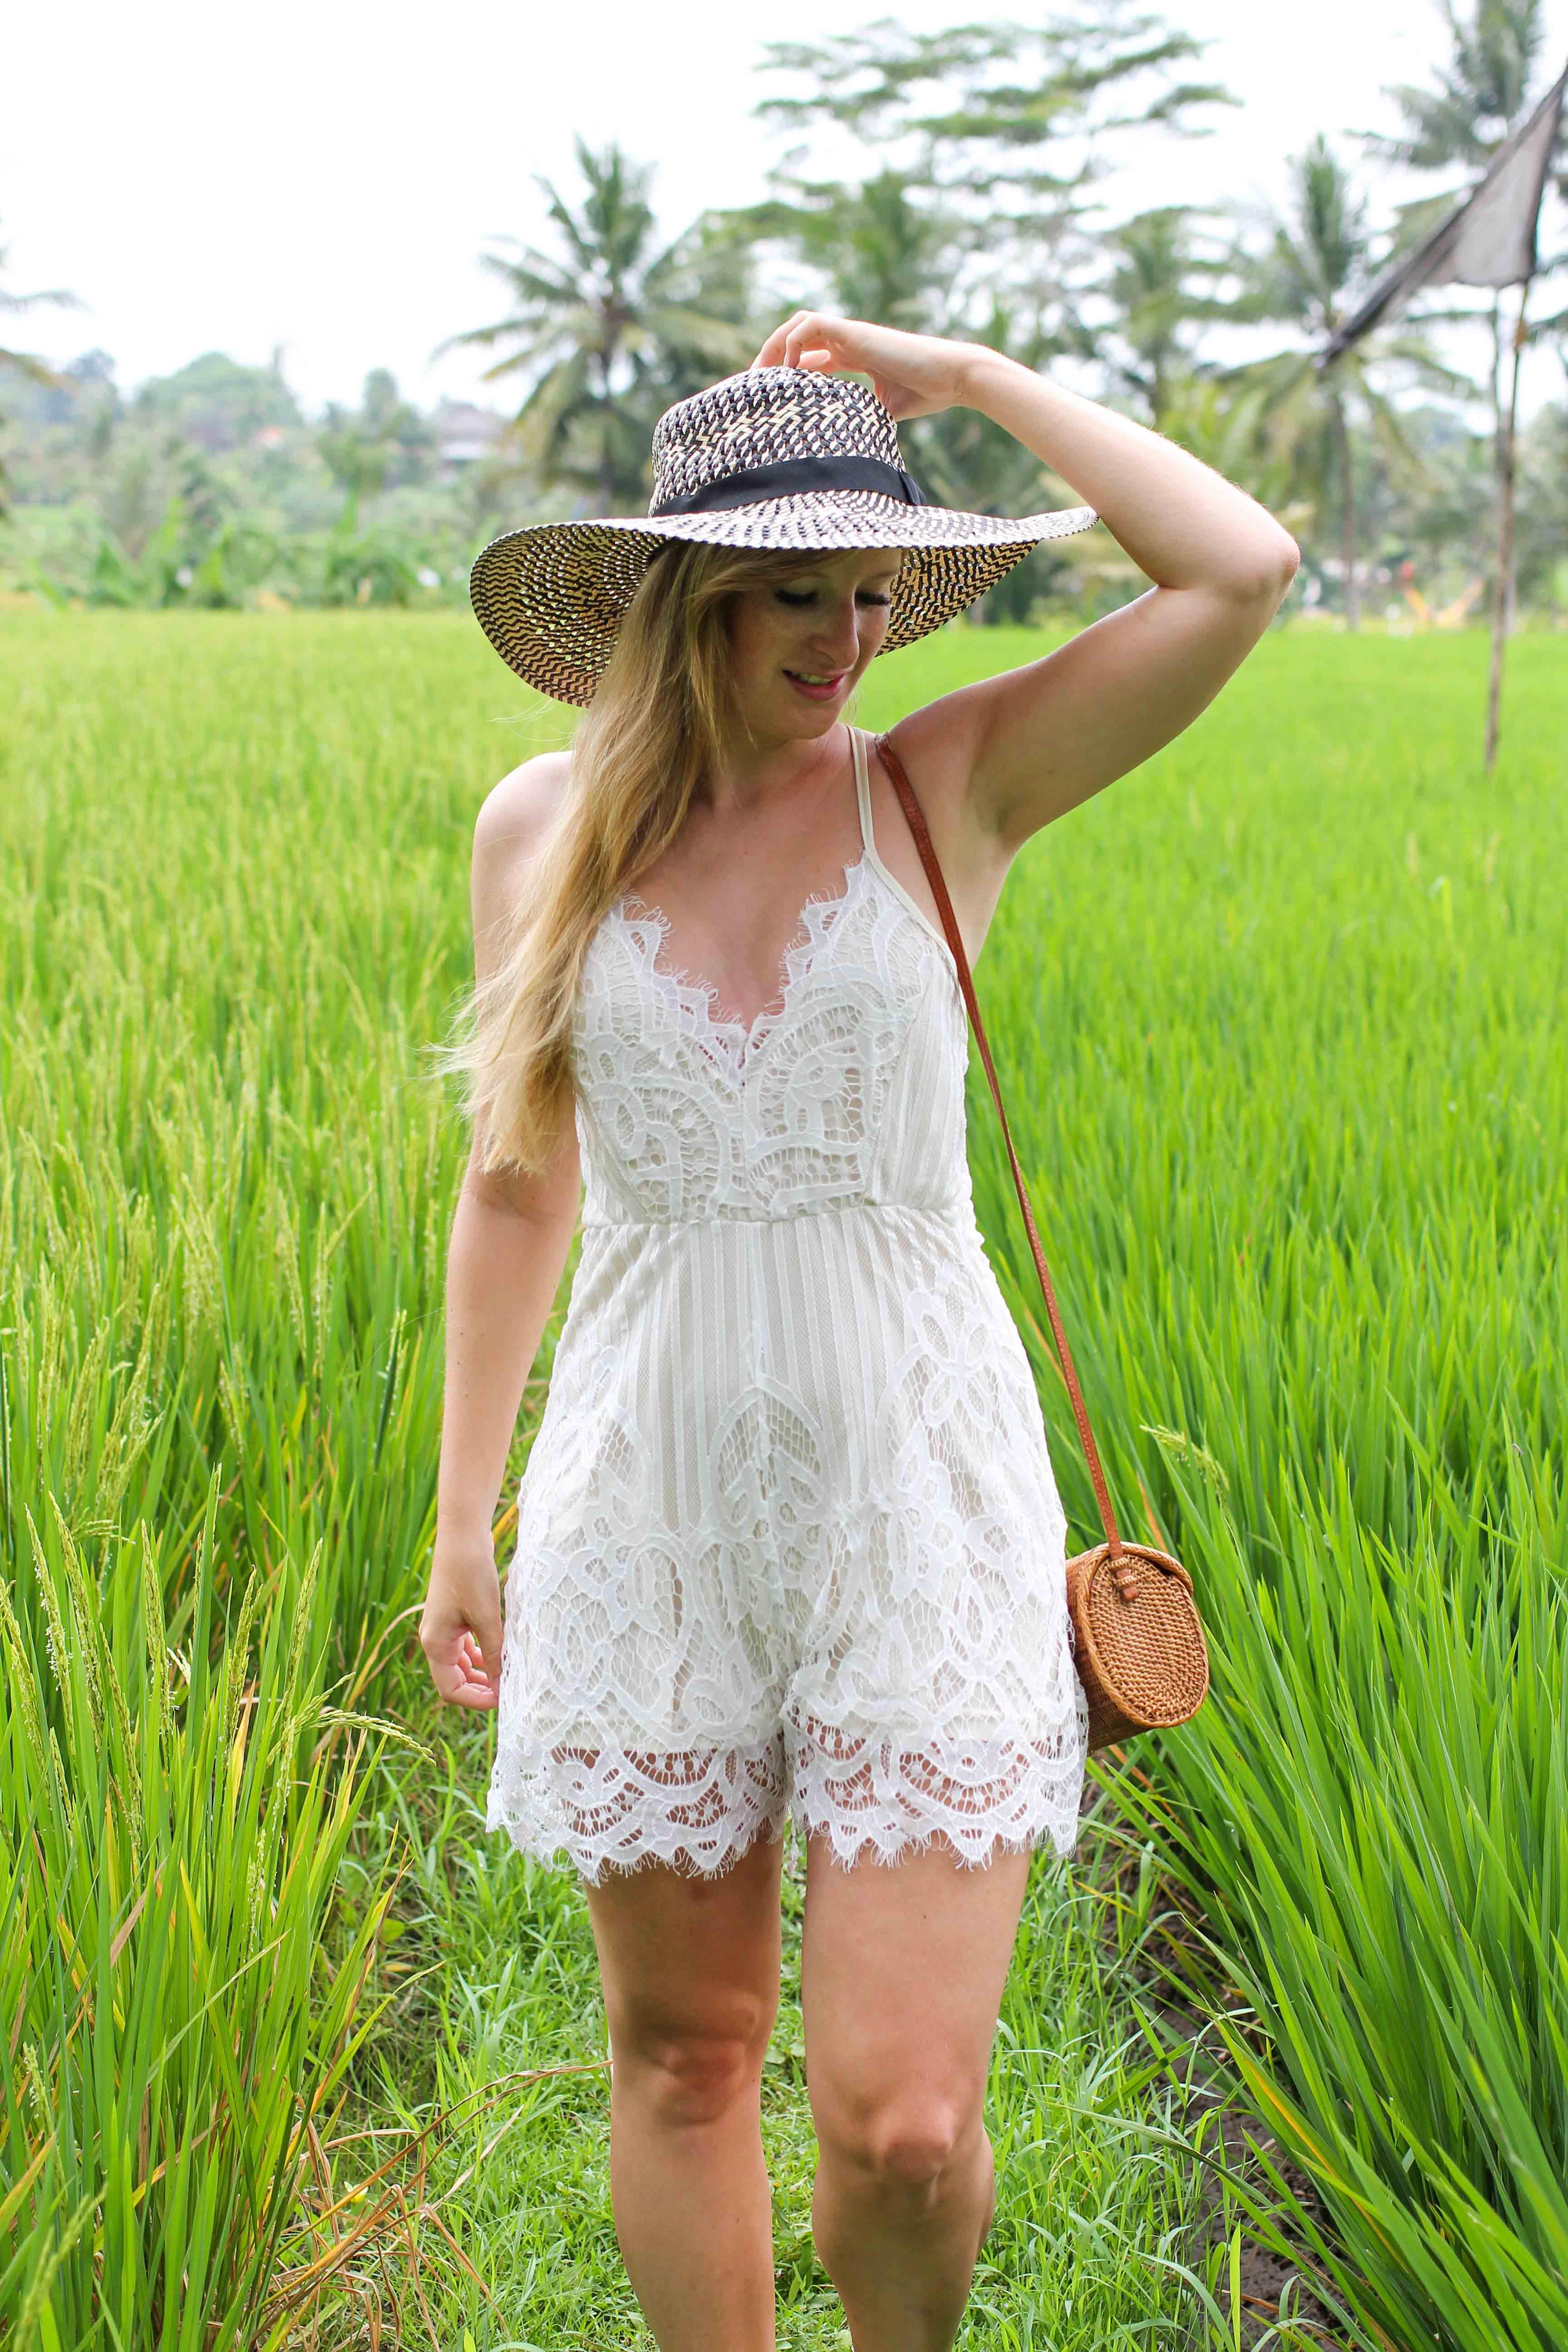 Weißer Jumpsuit kombinieren Spitze strohhut Reisfeldern Ubud Sommeroutfit Bali Modeblog 7